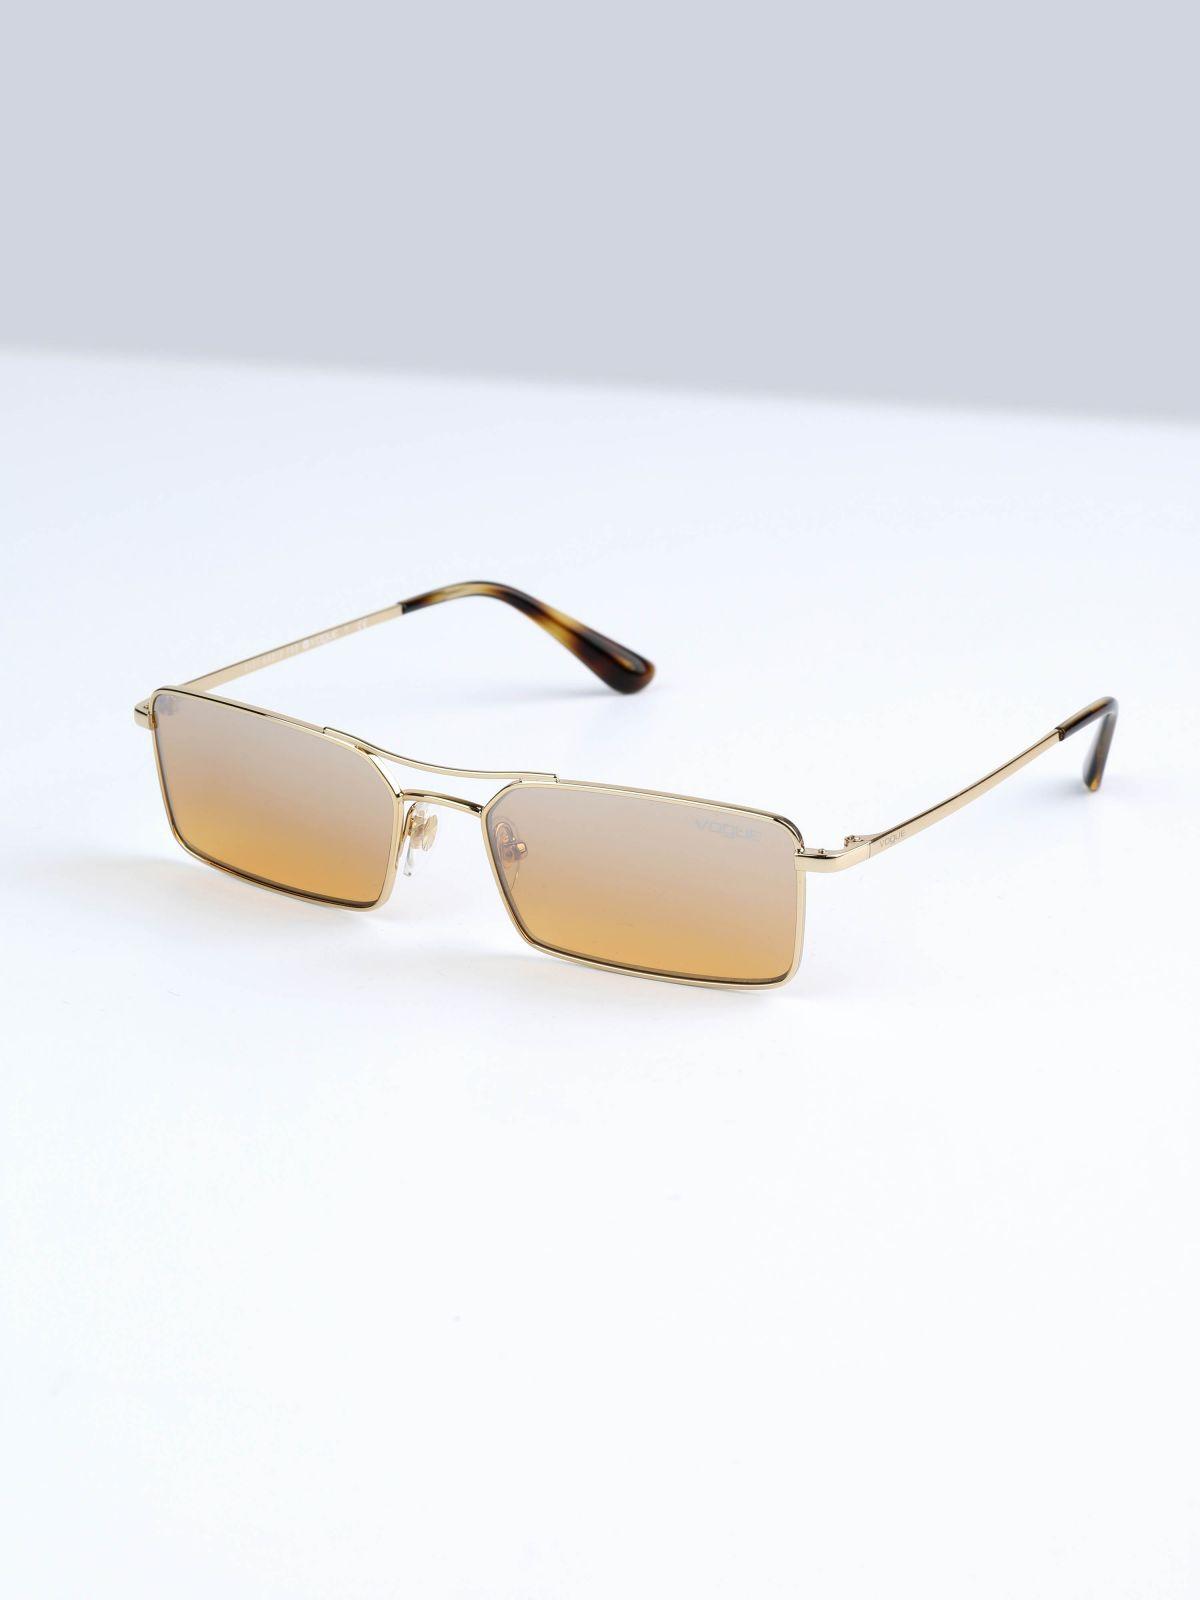 משקפי שמש מלבניים עם גשר Gigi Hadidמשקפי שמש מלבניים עם גשר Gigi Hadid של vogue eyewear